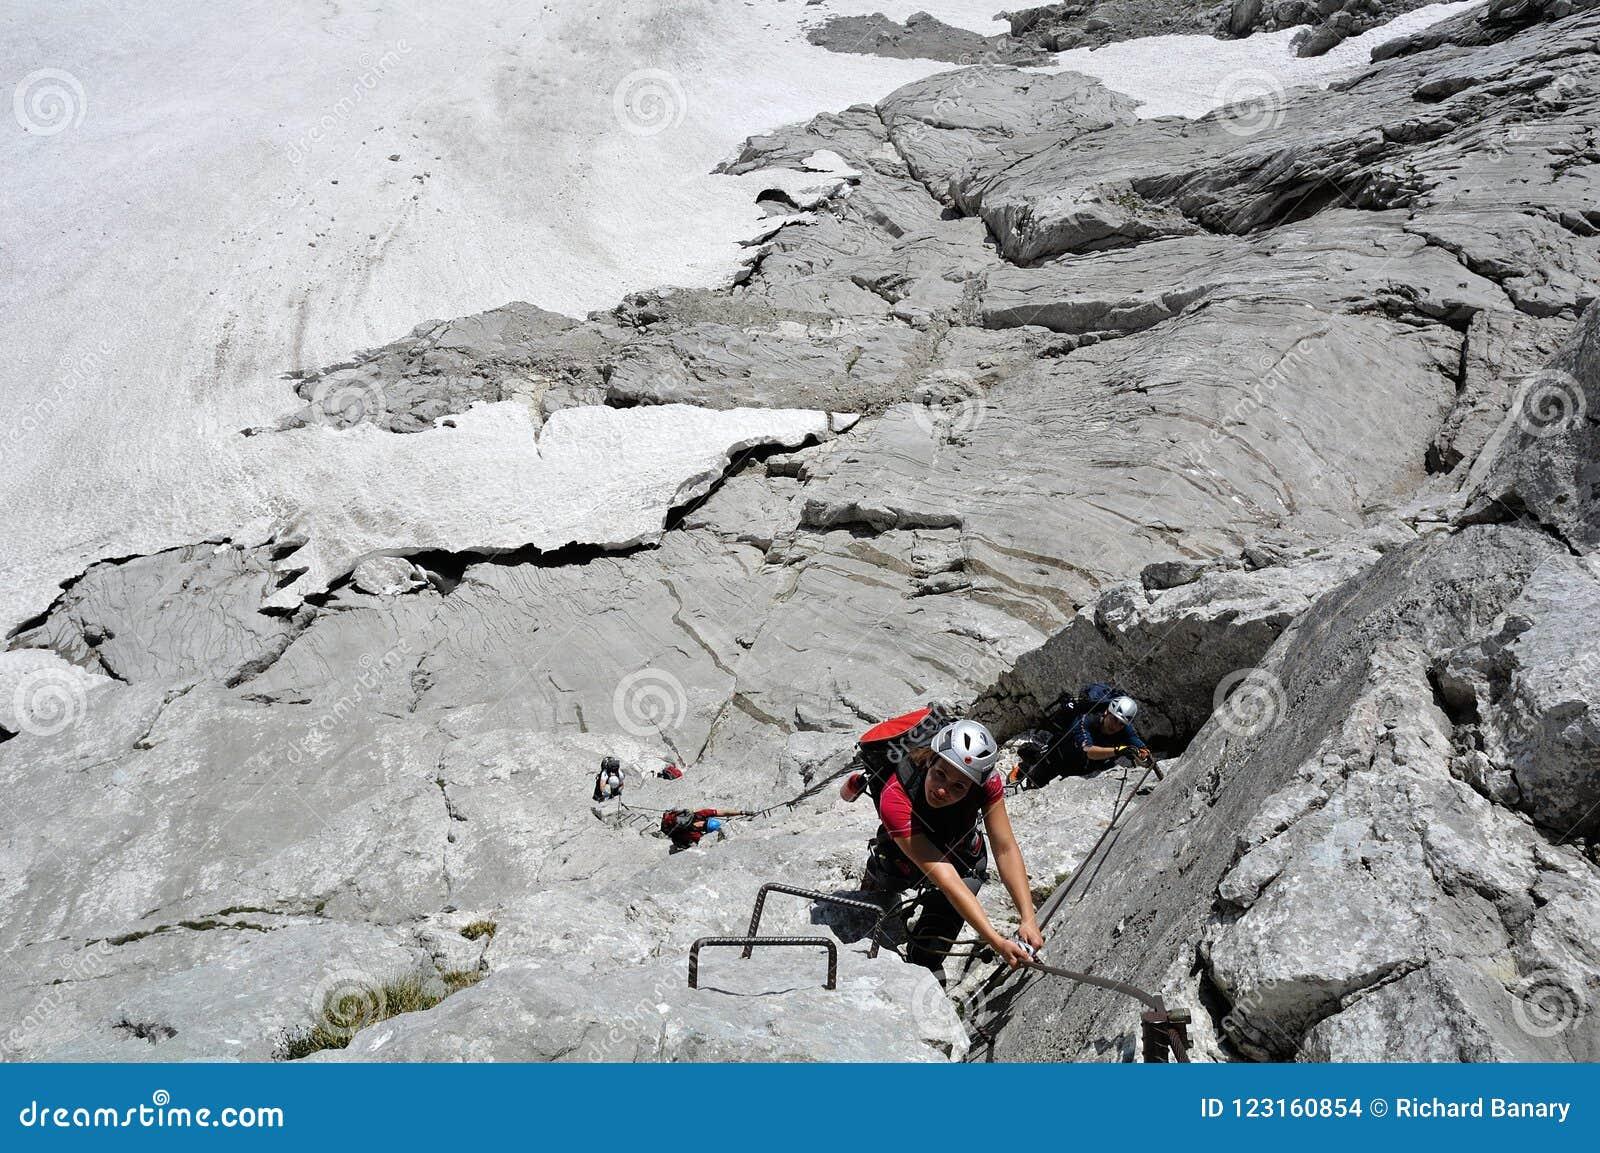 Klettergurt Mit Jelent : Klettersteig tour großer priel: fotogalerie tourfotos fotos zur